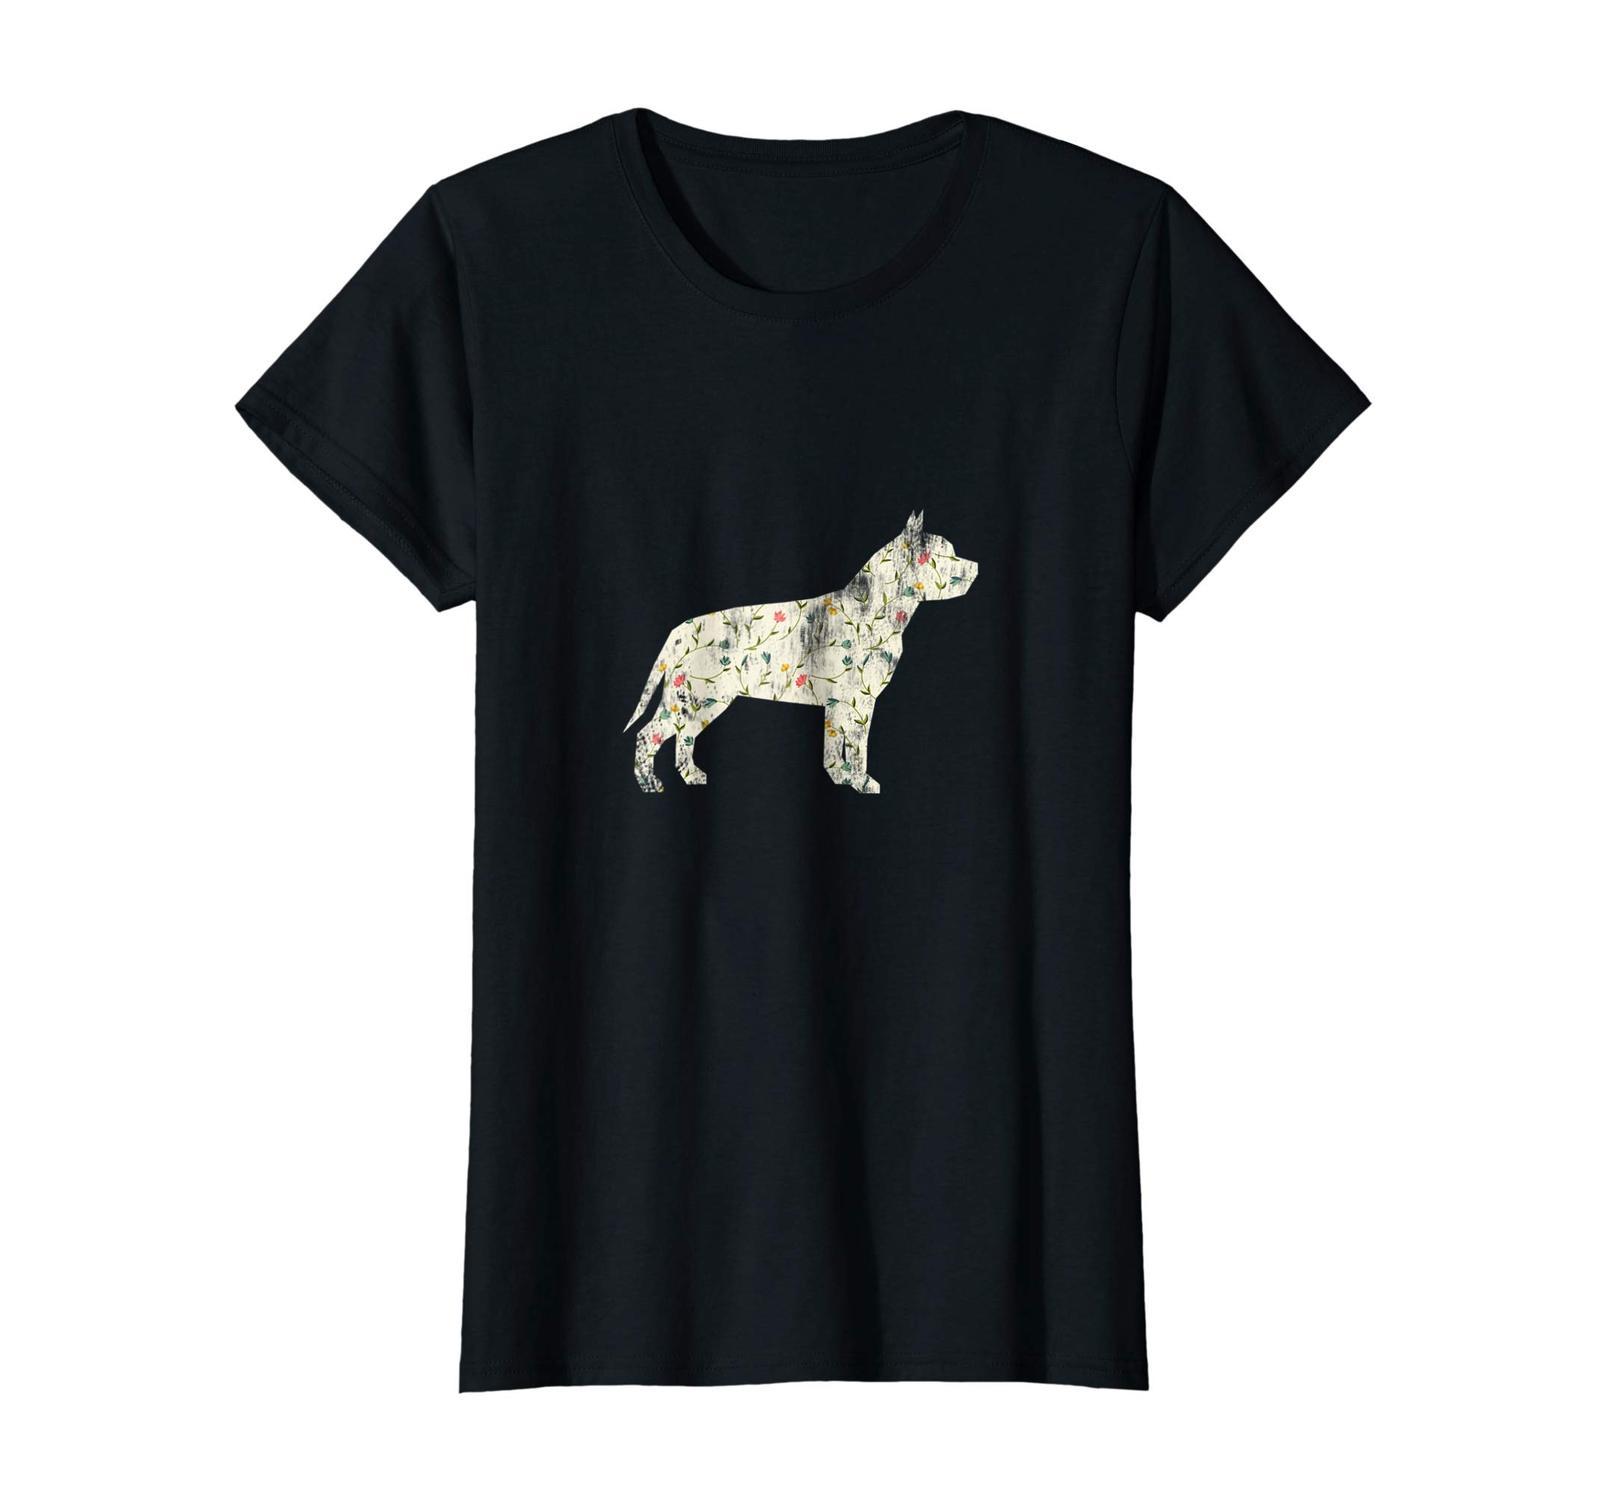 Dog Fashion - Vintage Floral Pitbull Shirt Dog Lover Dog Owner Gift Wowen